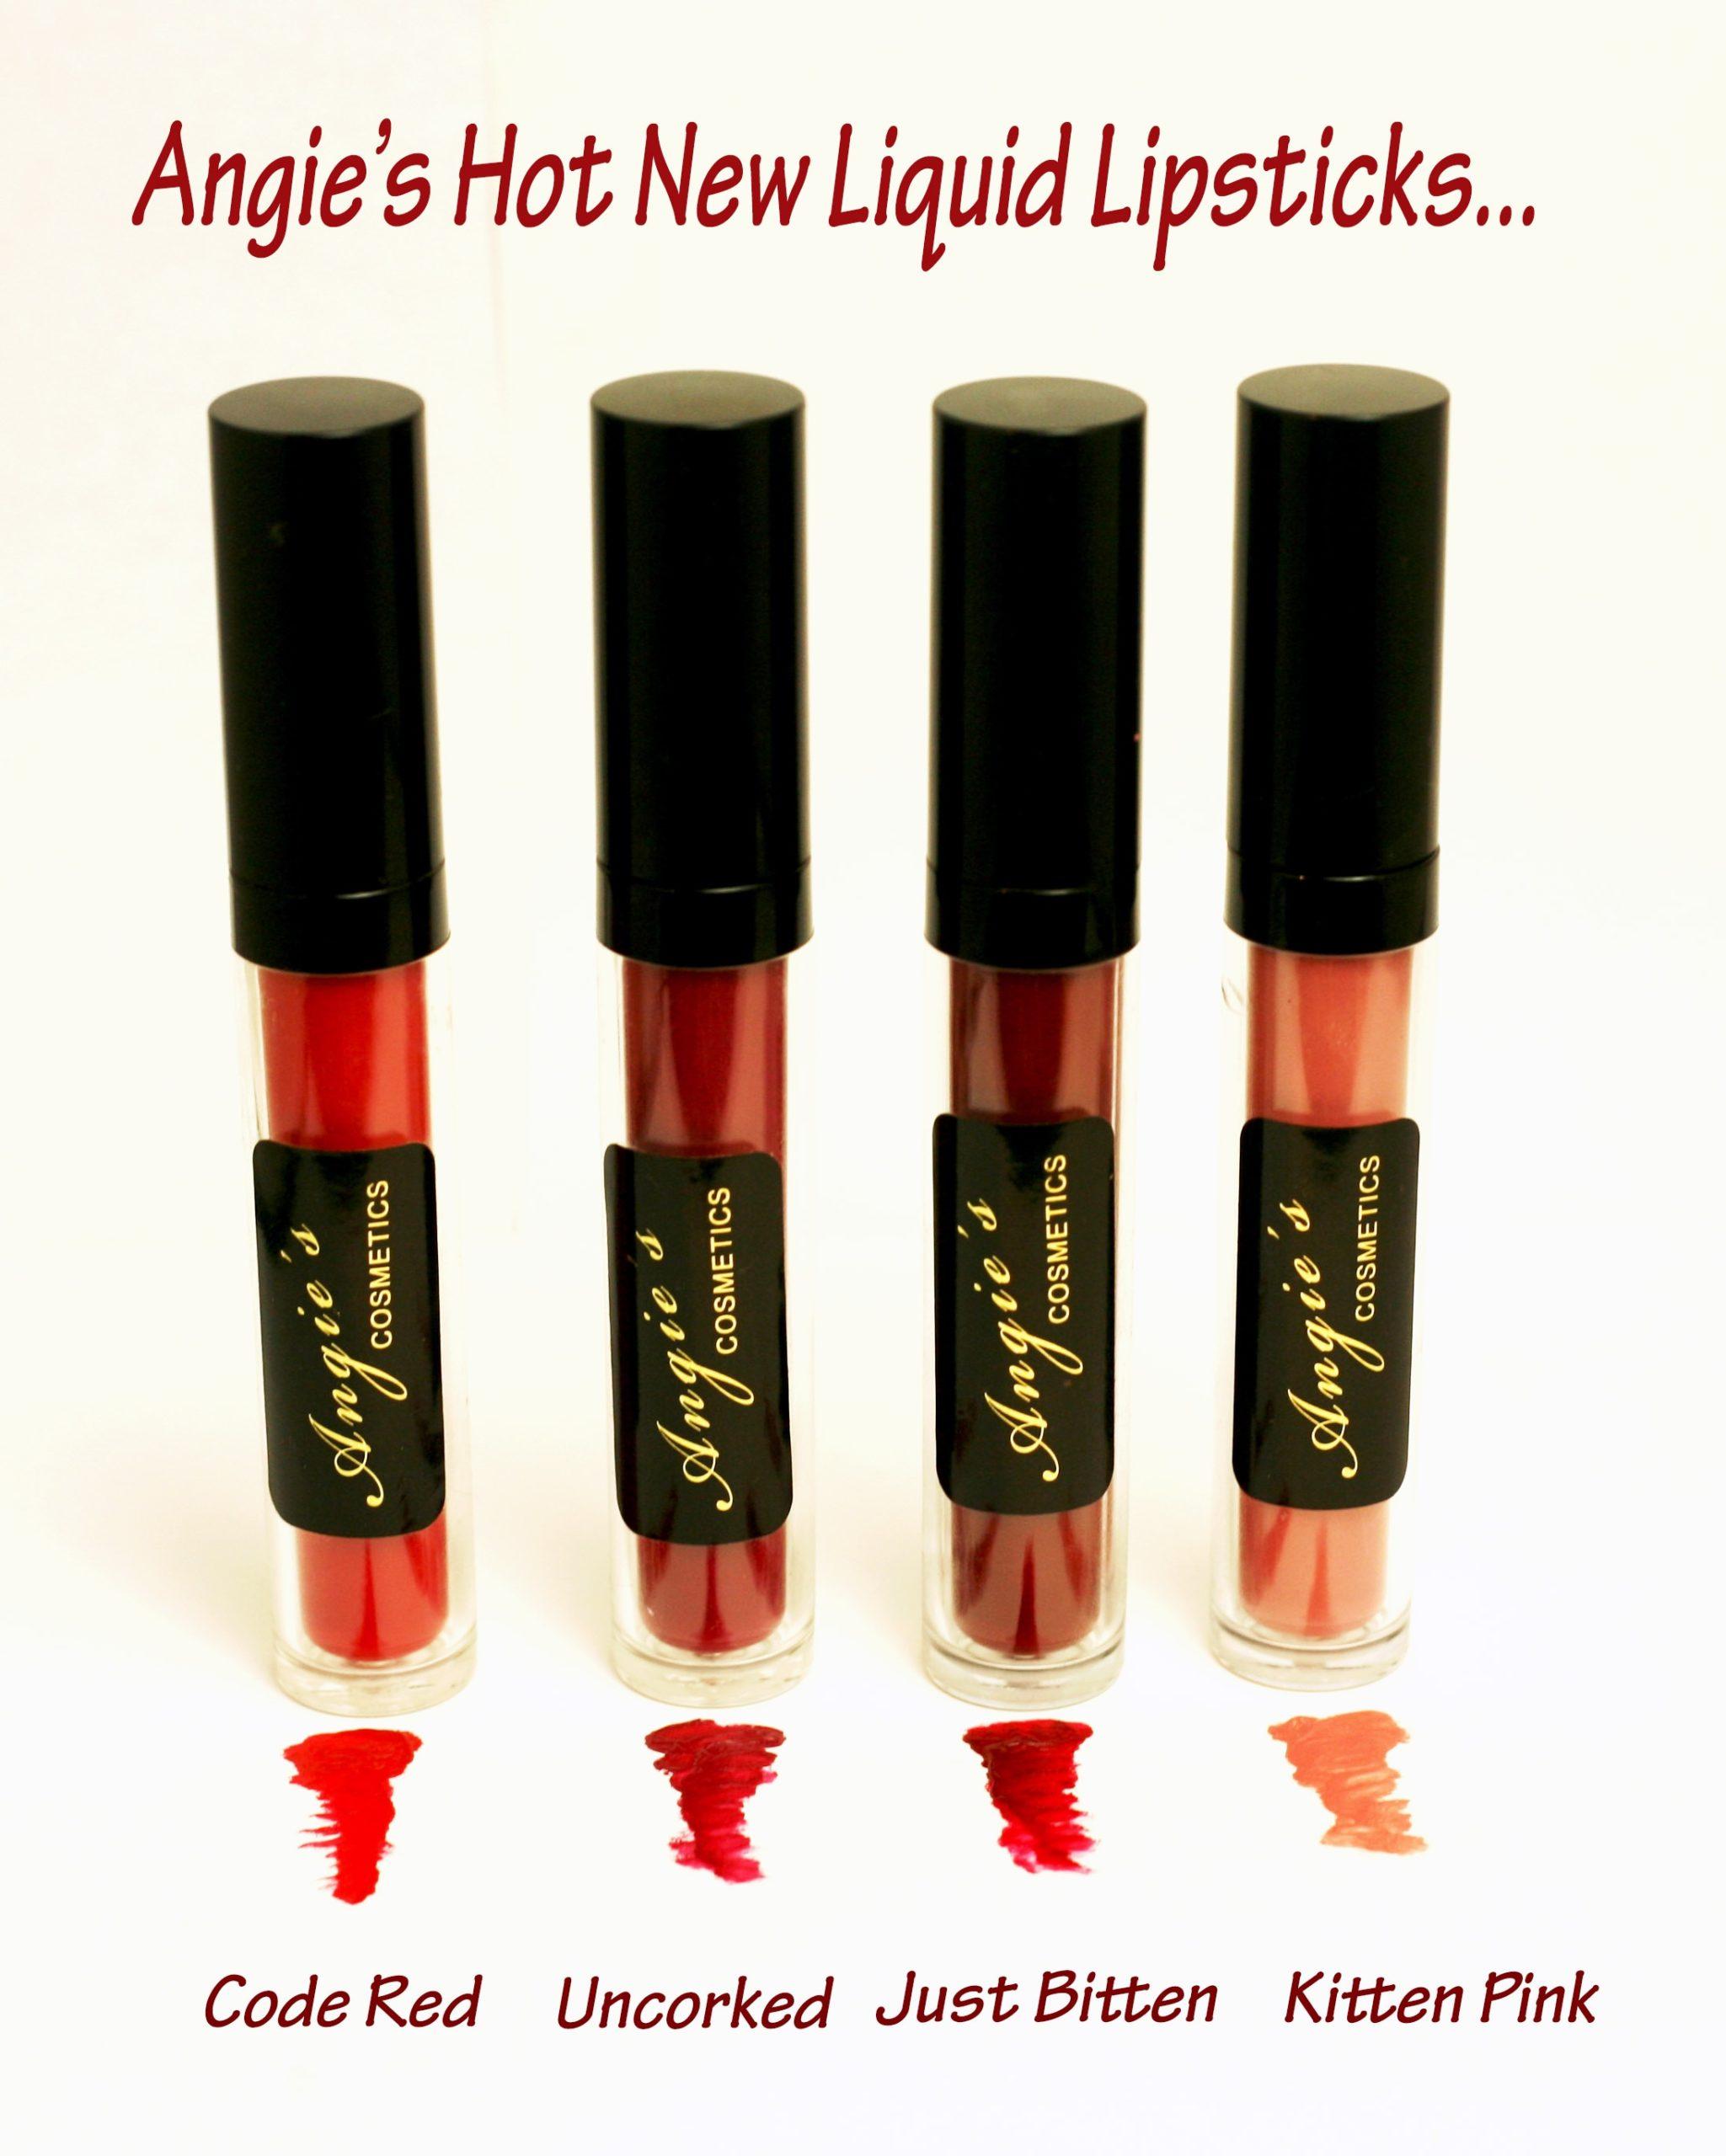 NOUVEAUX rouges à lèvres liquides d'Angie! – Angie's Cosmetics